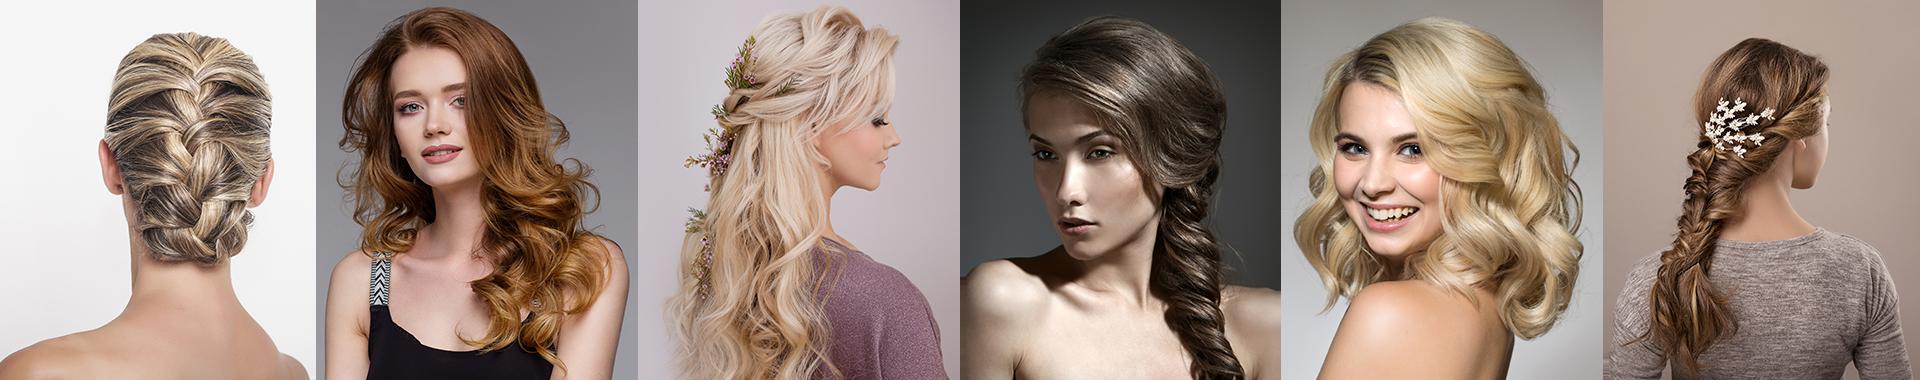 coiffure-attache-formation